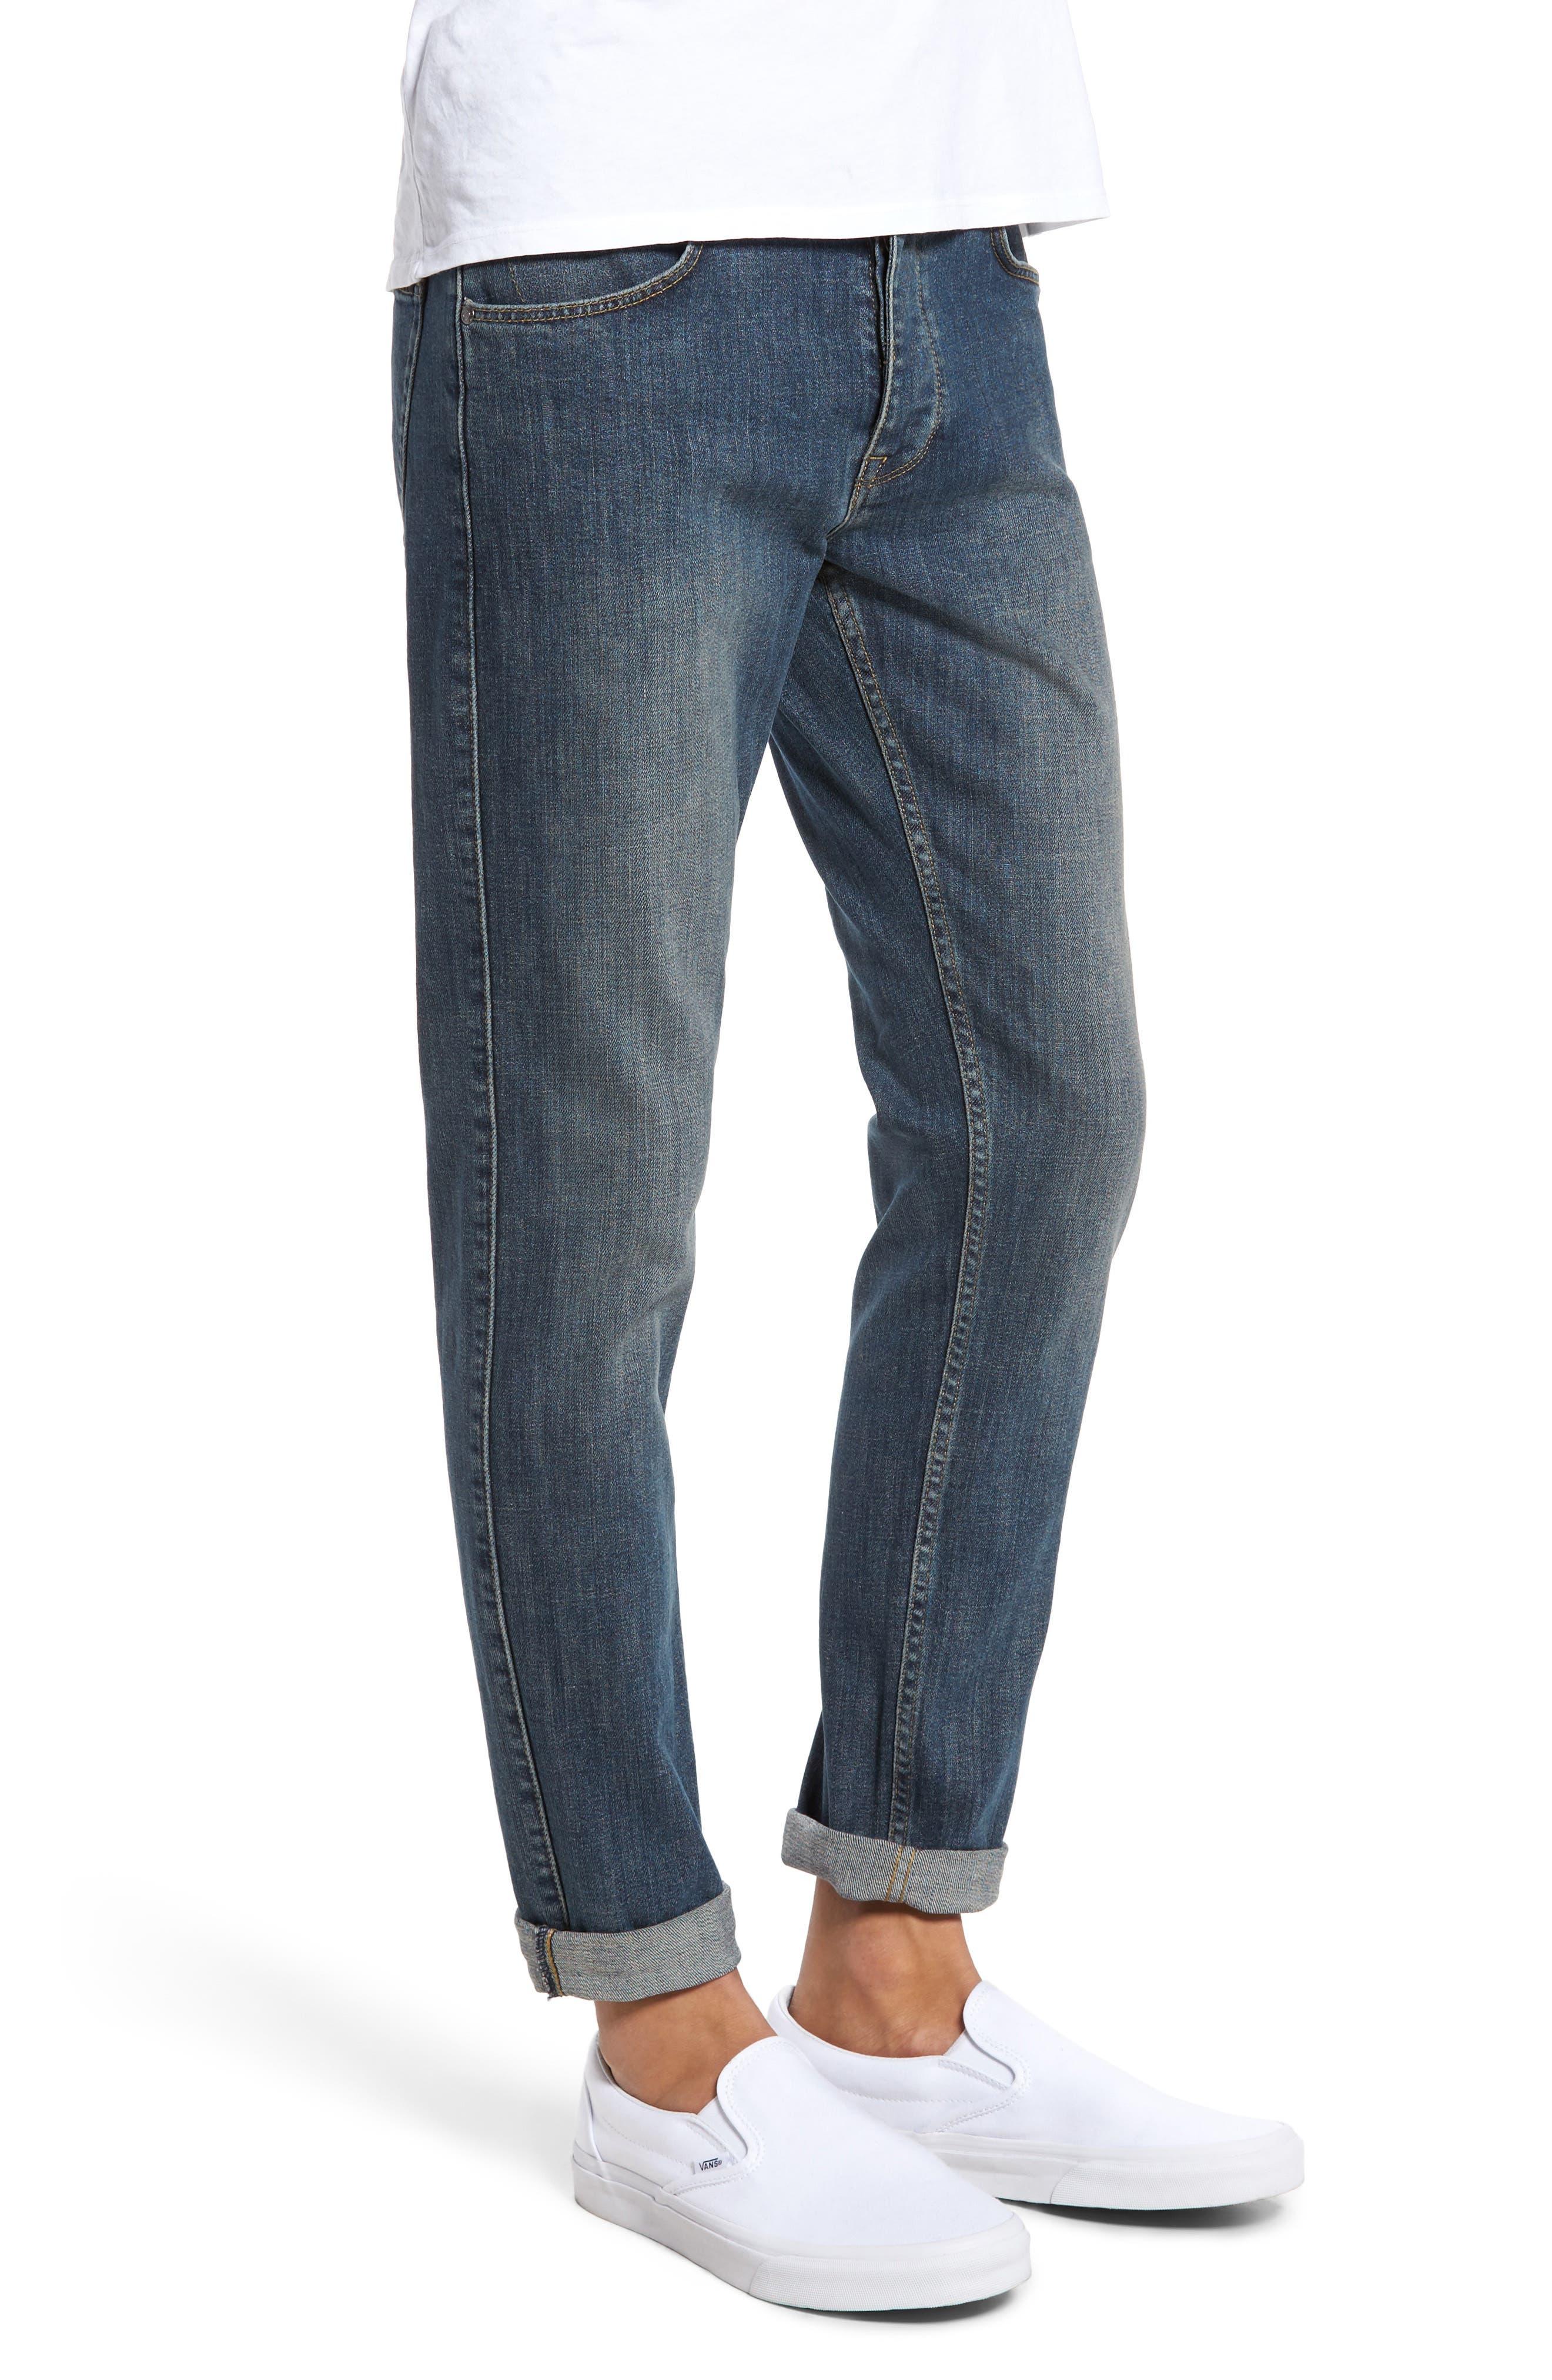 Clark Slim Straight Leg Jeans,                             Alternate thumbnail 3, color,                             400